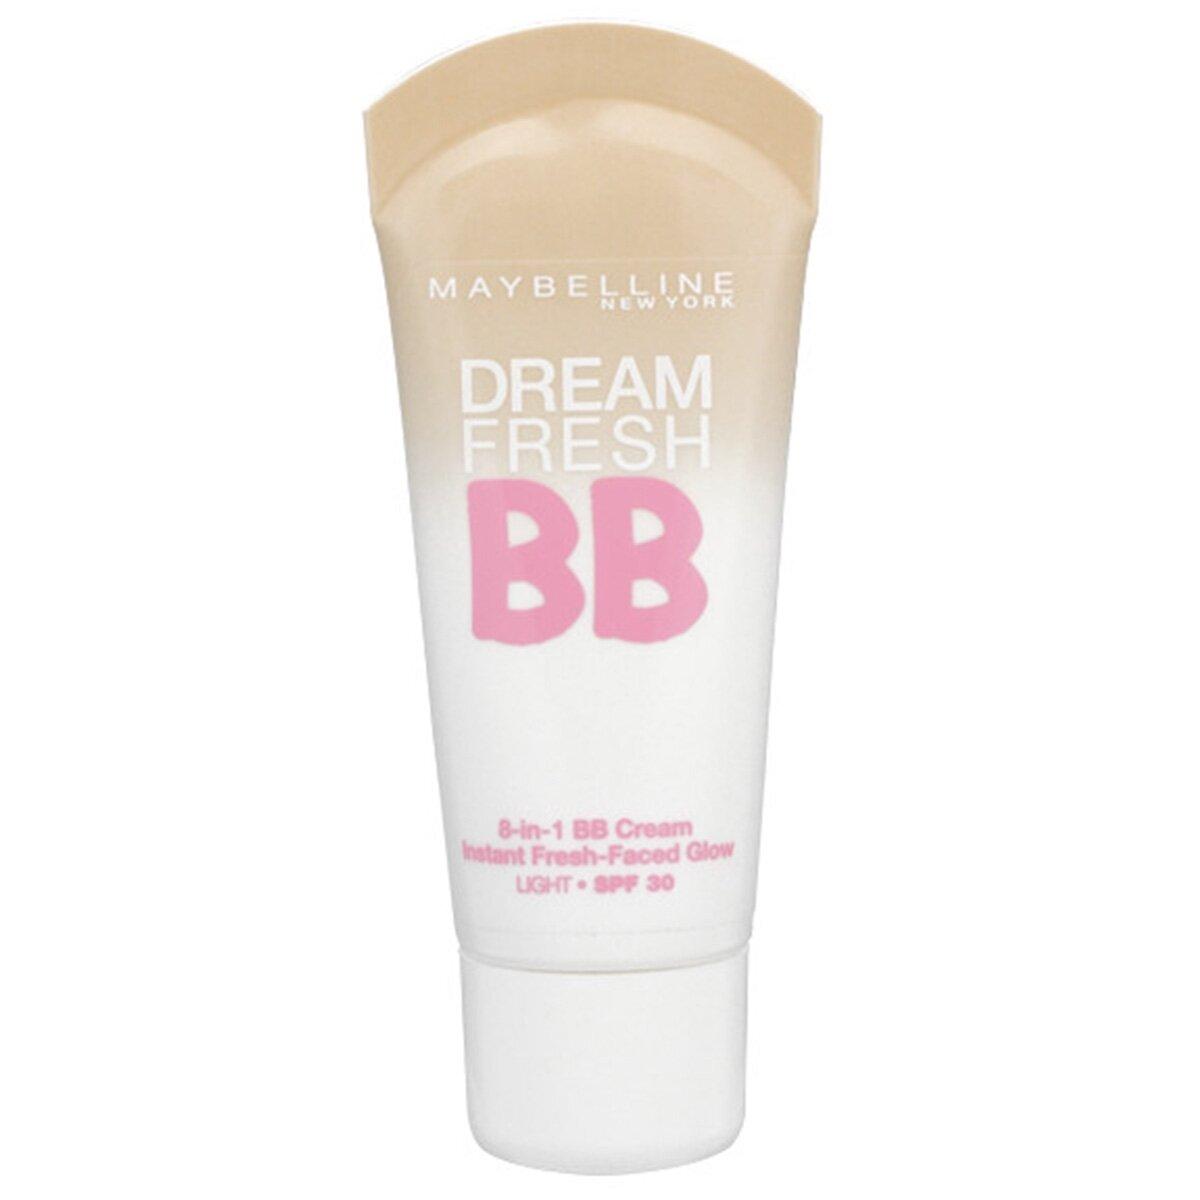 Dream Fresh BB Krem Açık Ton